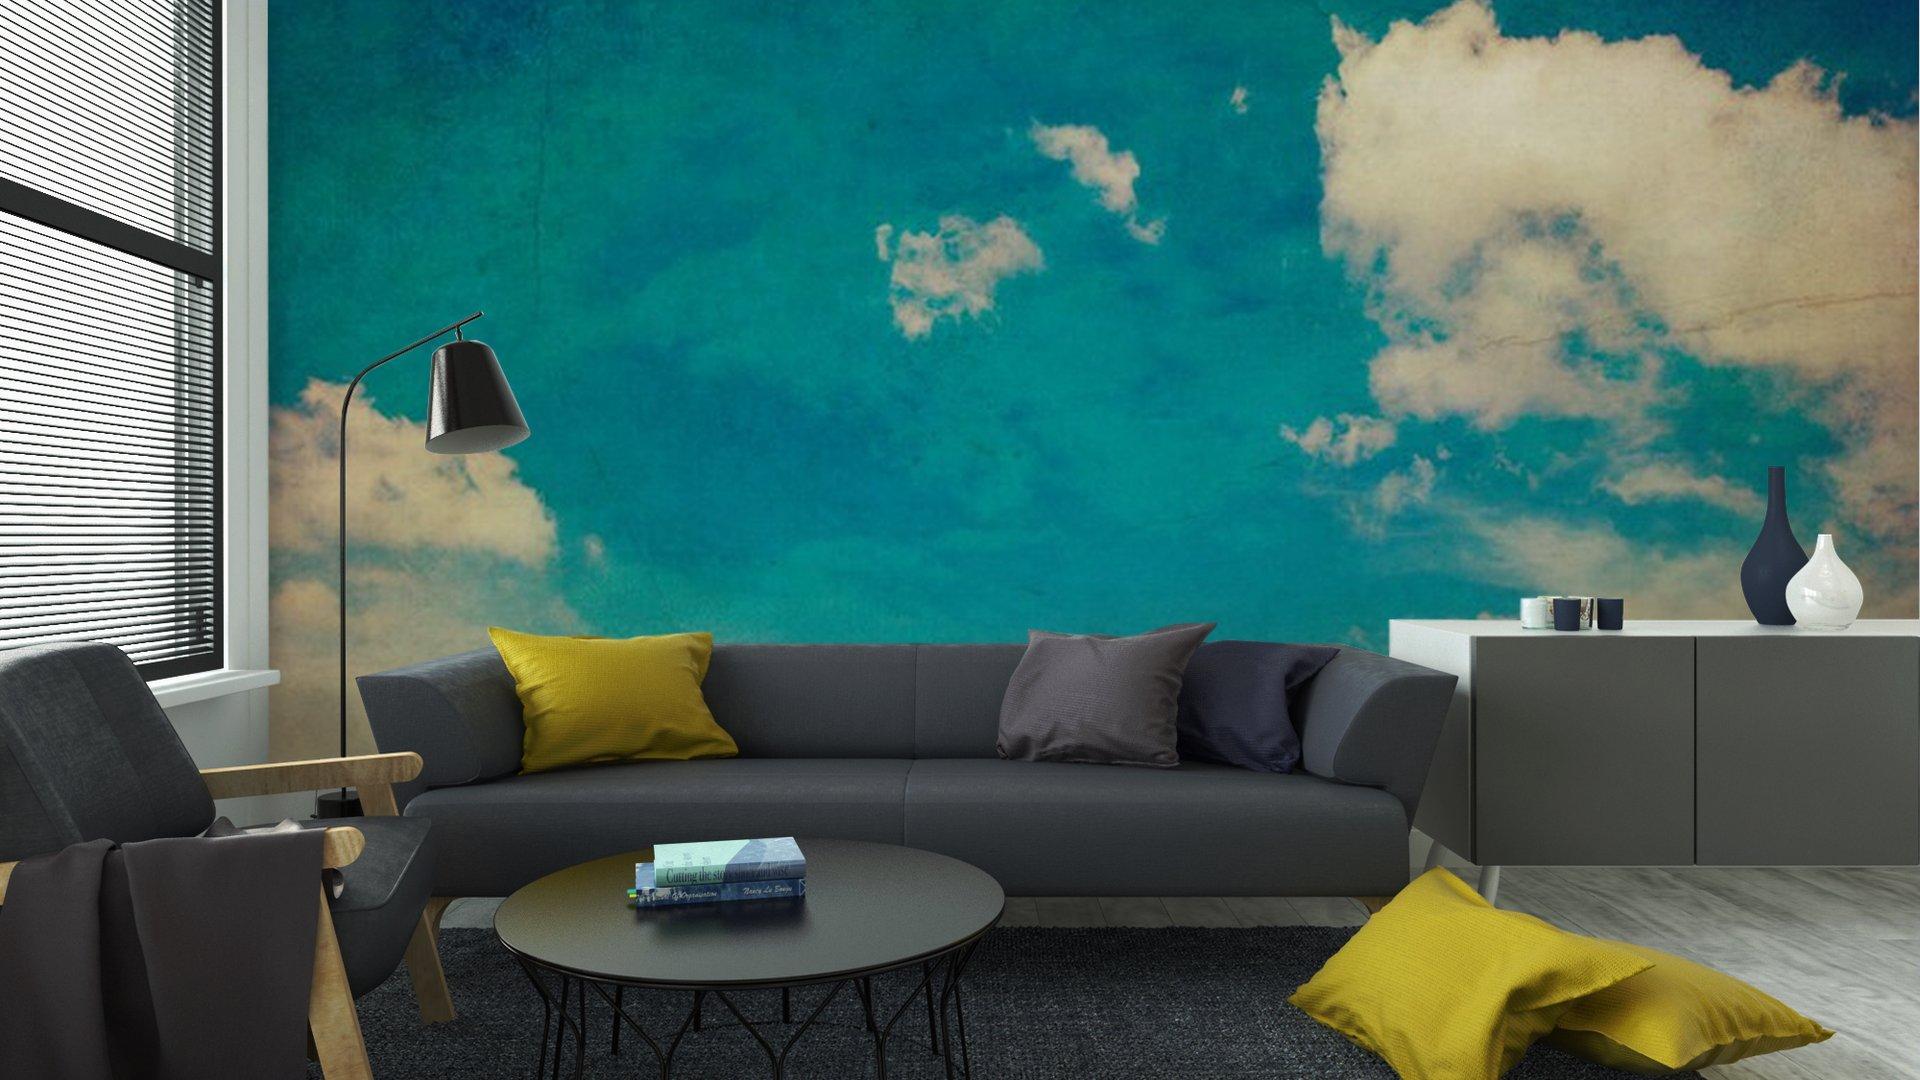 CIELO AZUL Y LAS NUBES TEXTURA DE FONDO DE LA VENDIMIA CON EL ESPACIO6 - Fotomural Tapiz Cielo Azul con Nubes